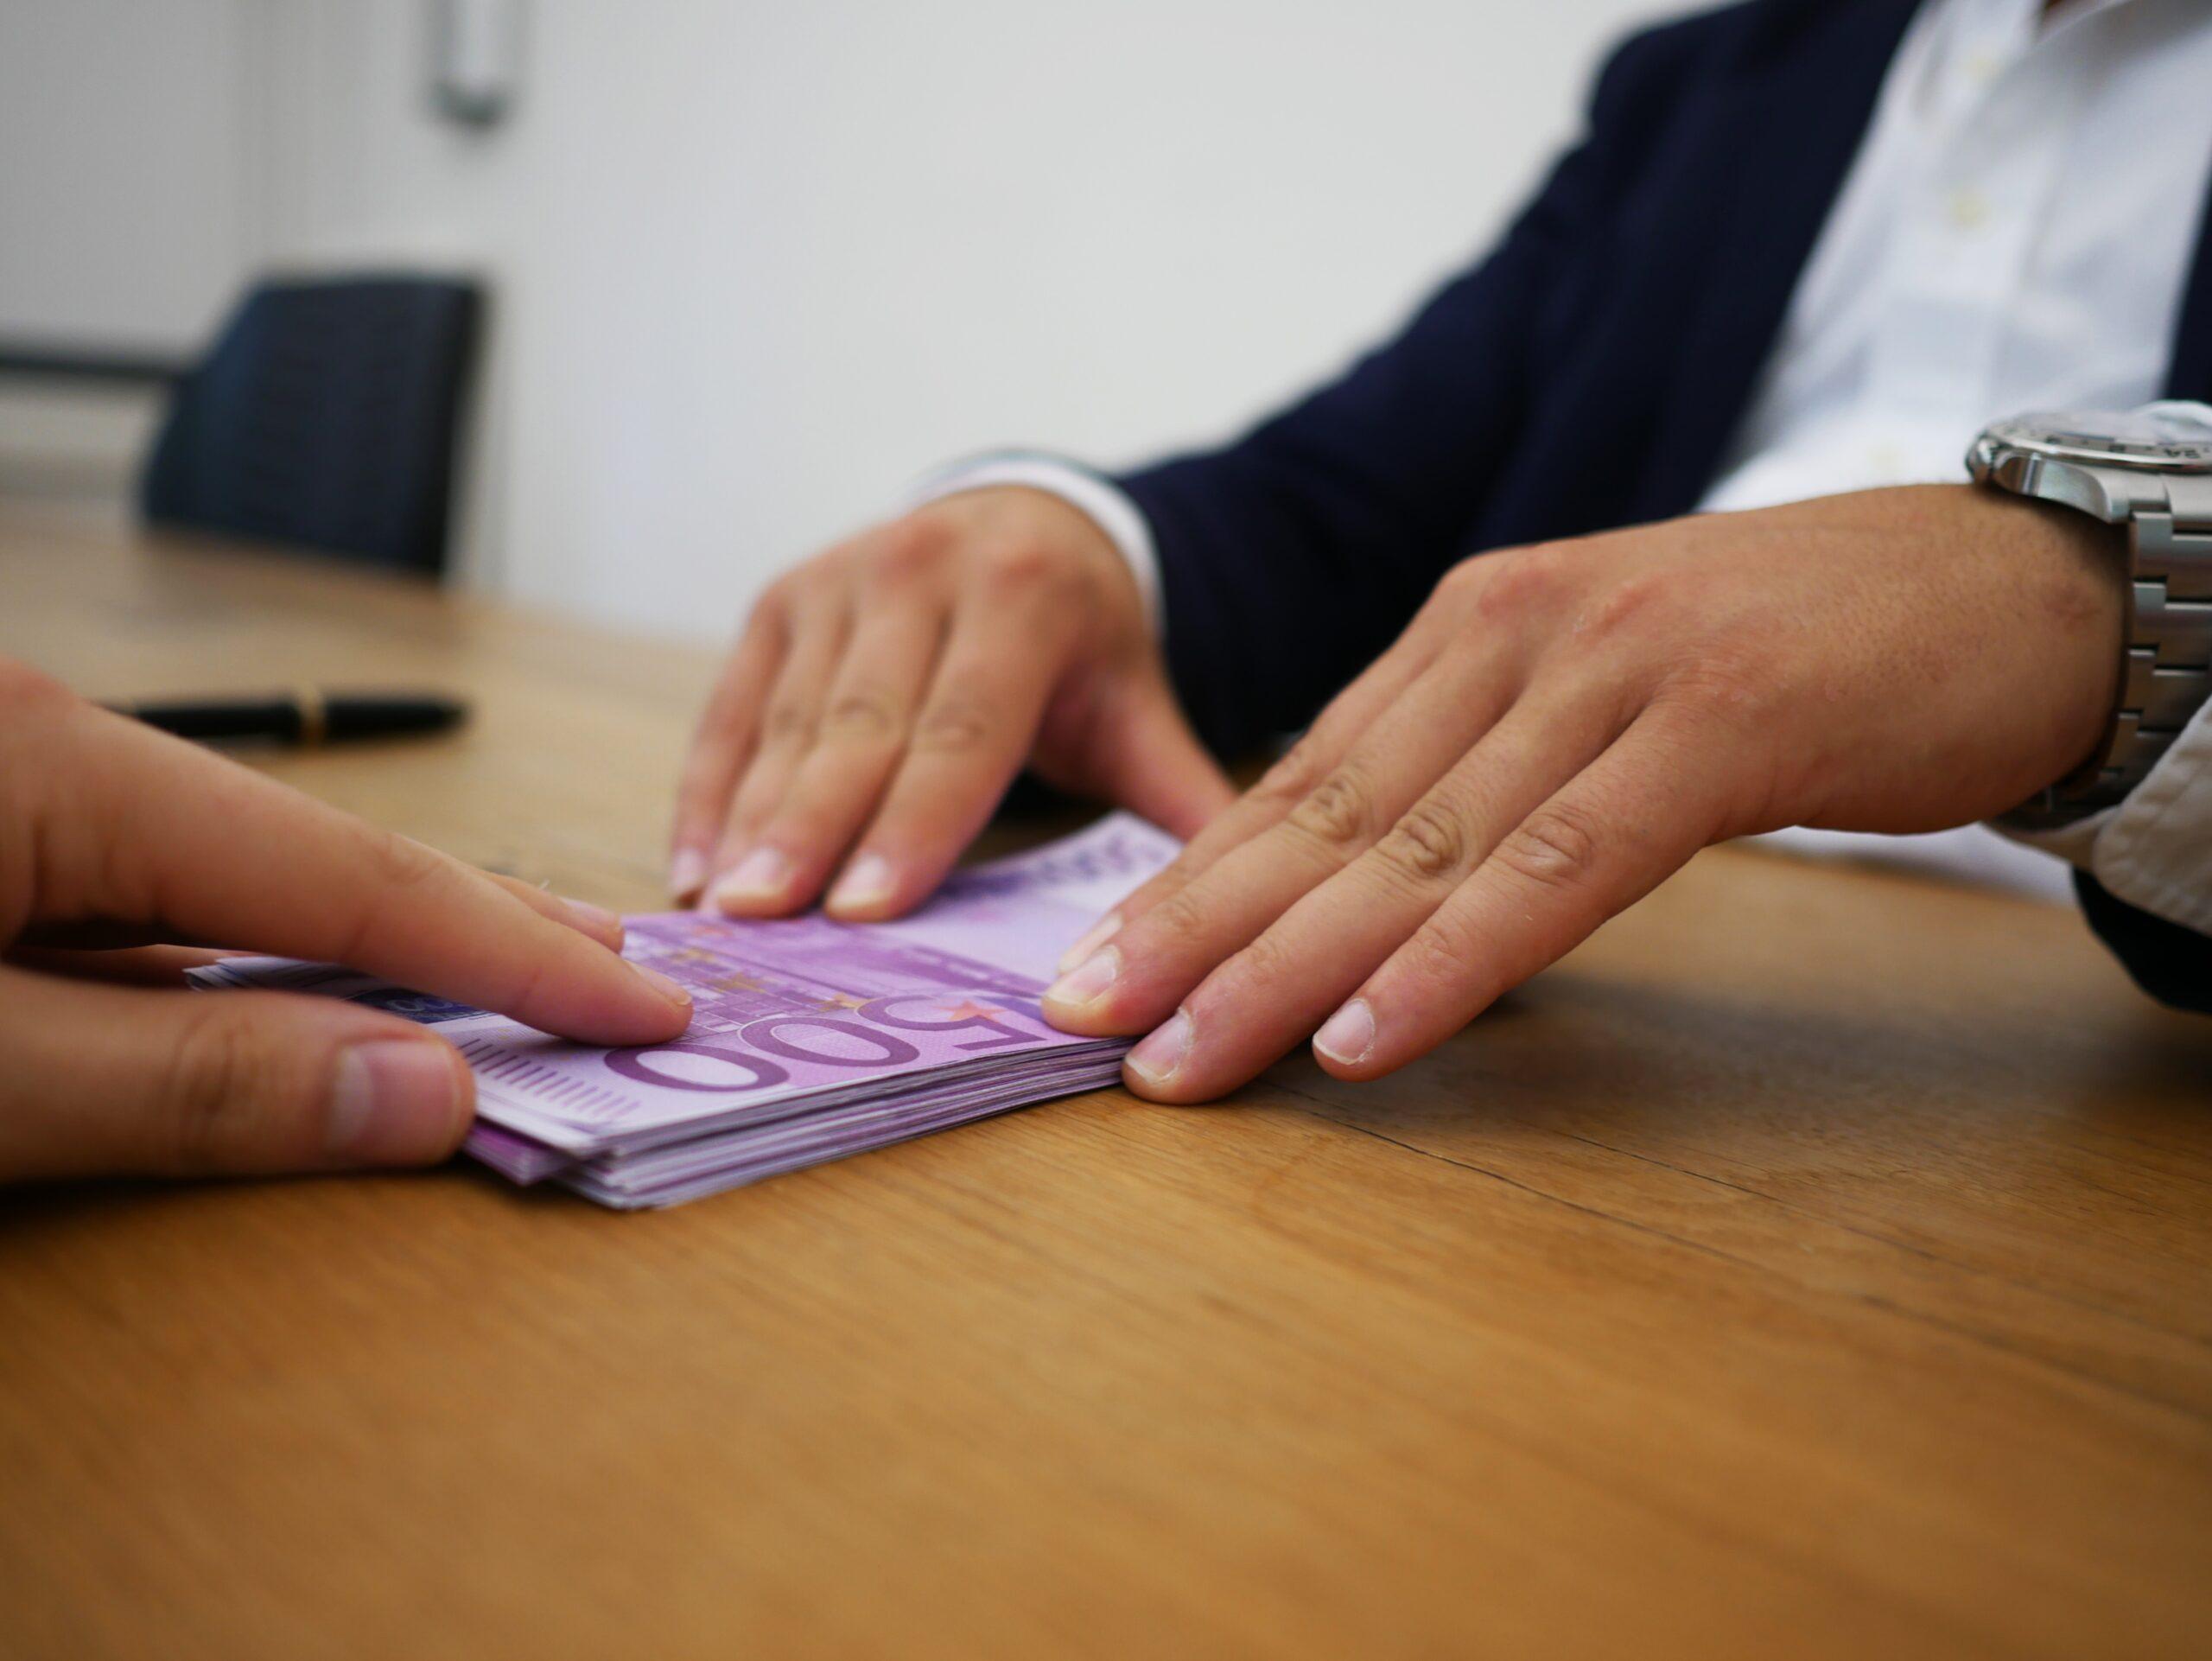 Medidas de prevención y lucha contra el fraude fiscal